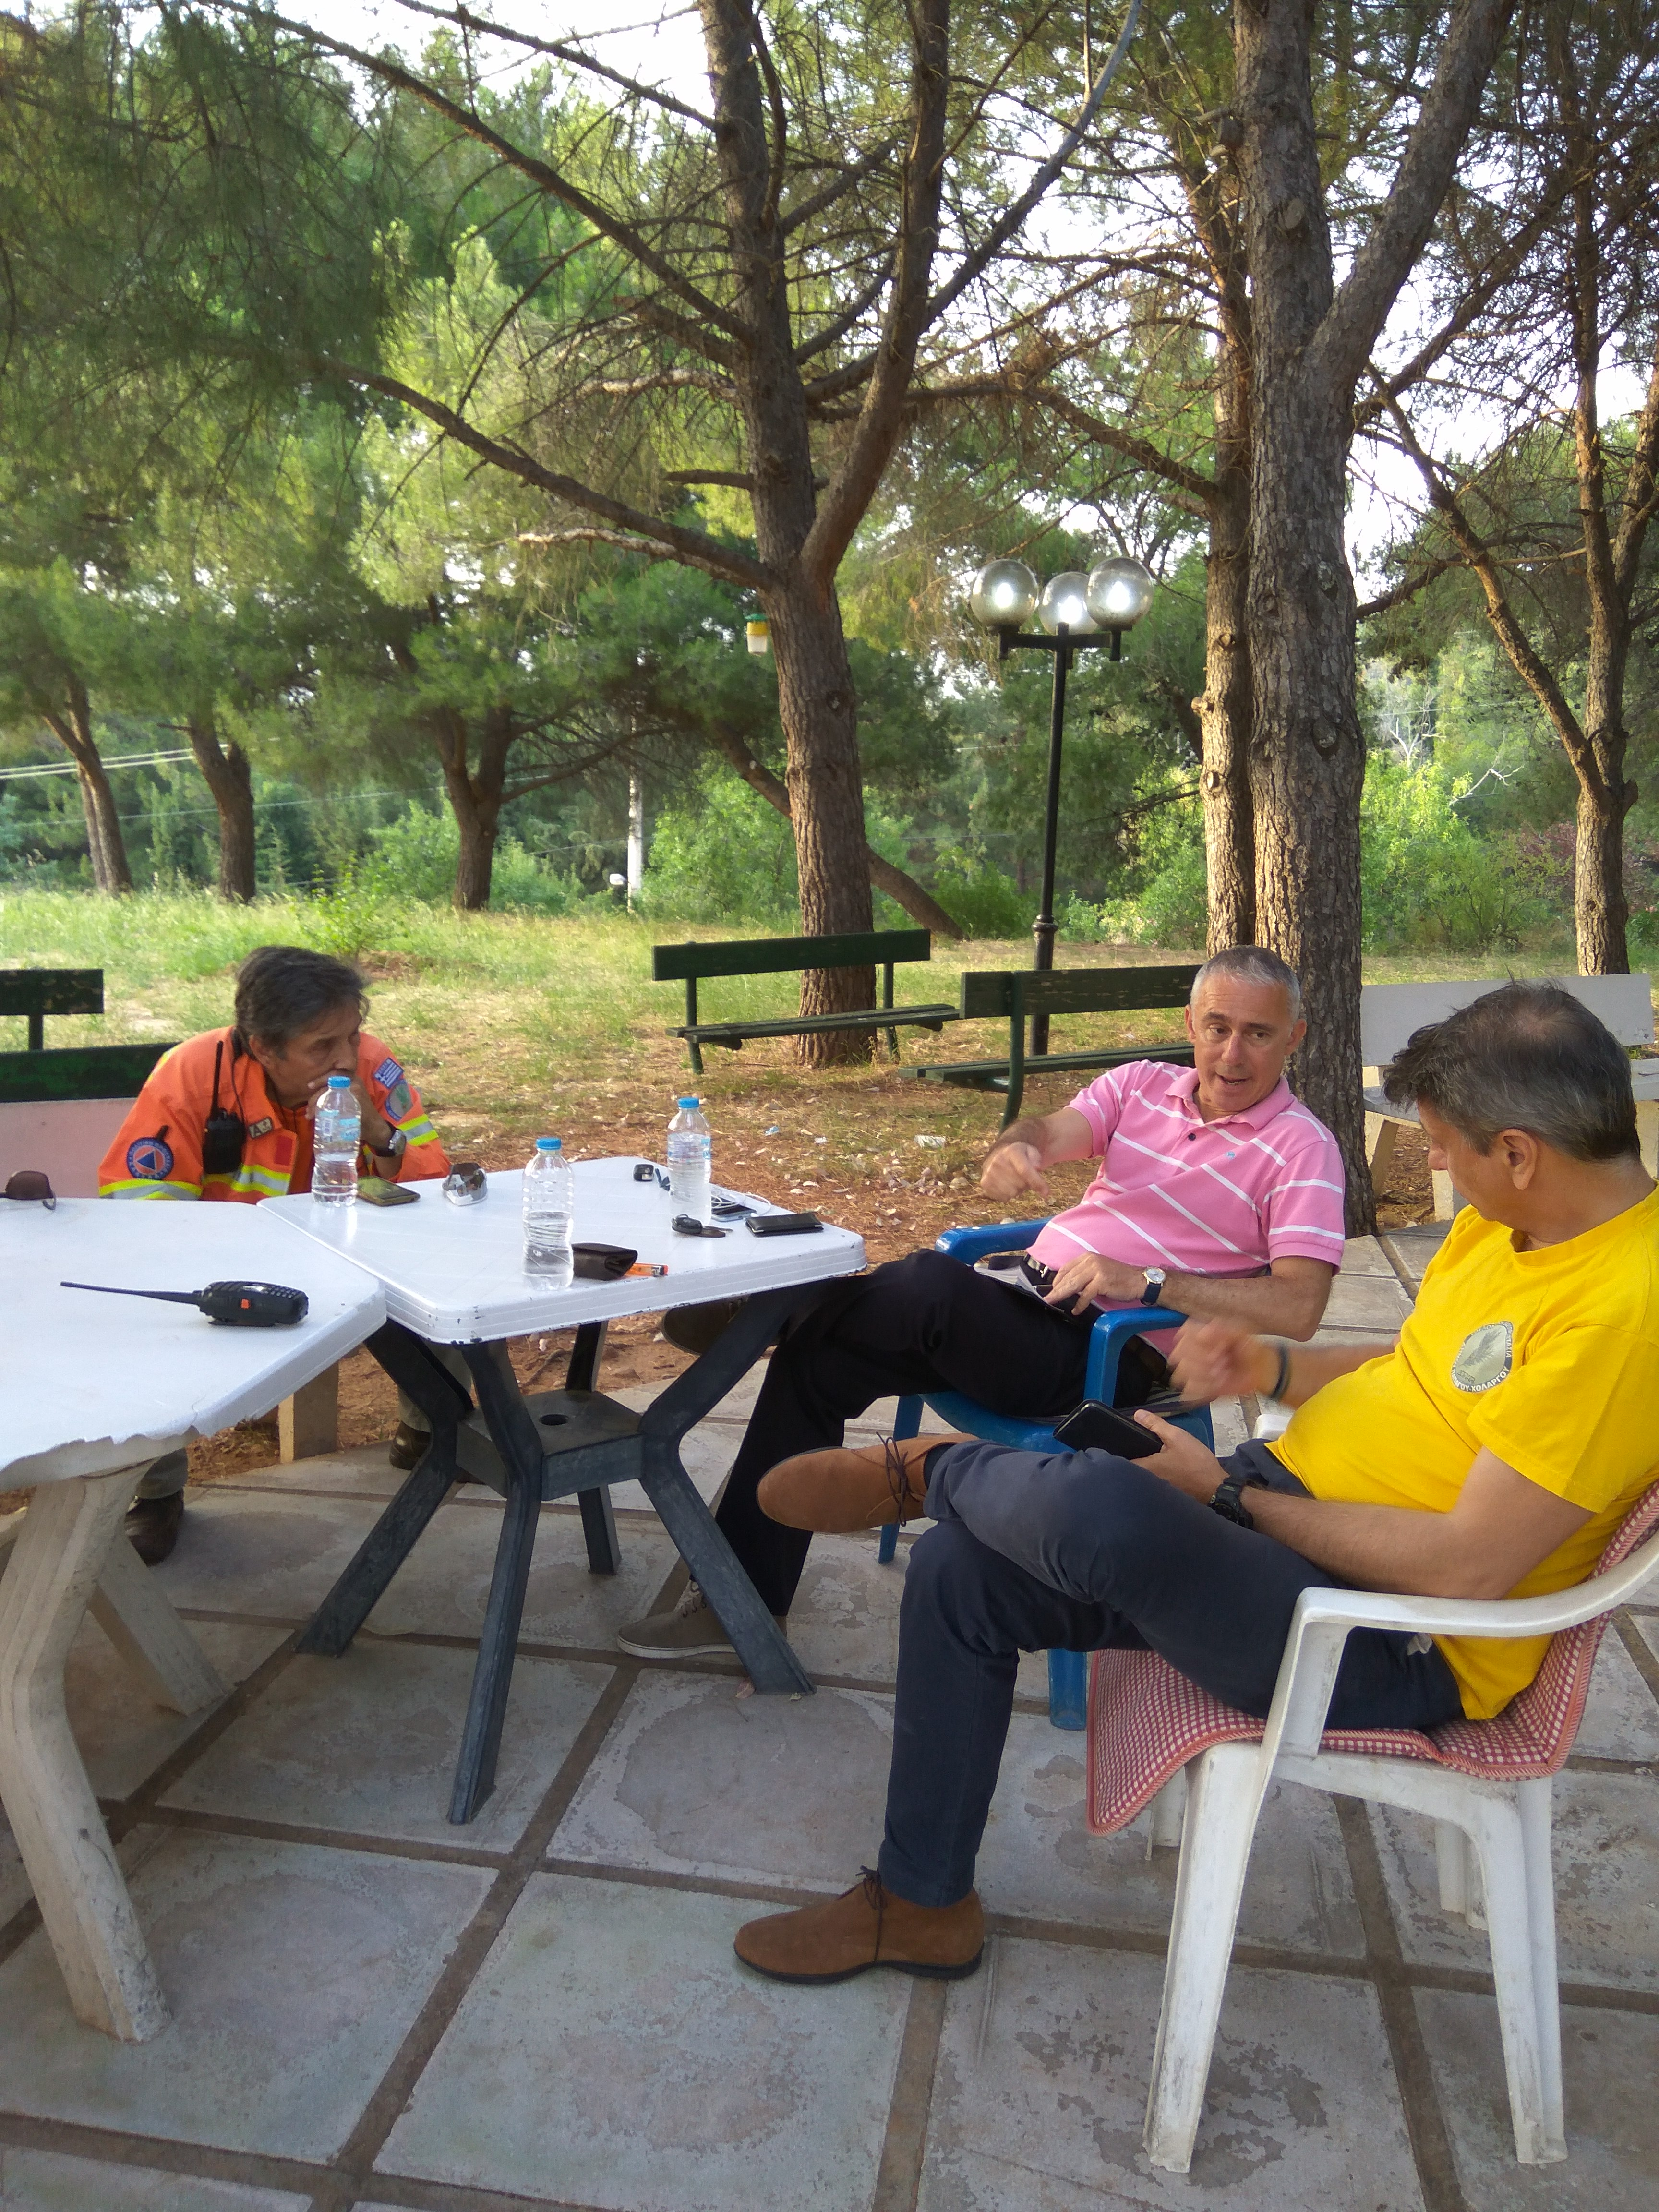 Επίσκεψη του Δημήτρη Οικονόμου πρόεδρο ΔΟΠΑΠ στην ΔΑΠΑΧΟ